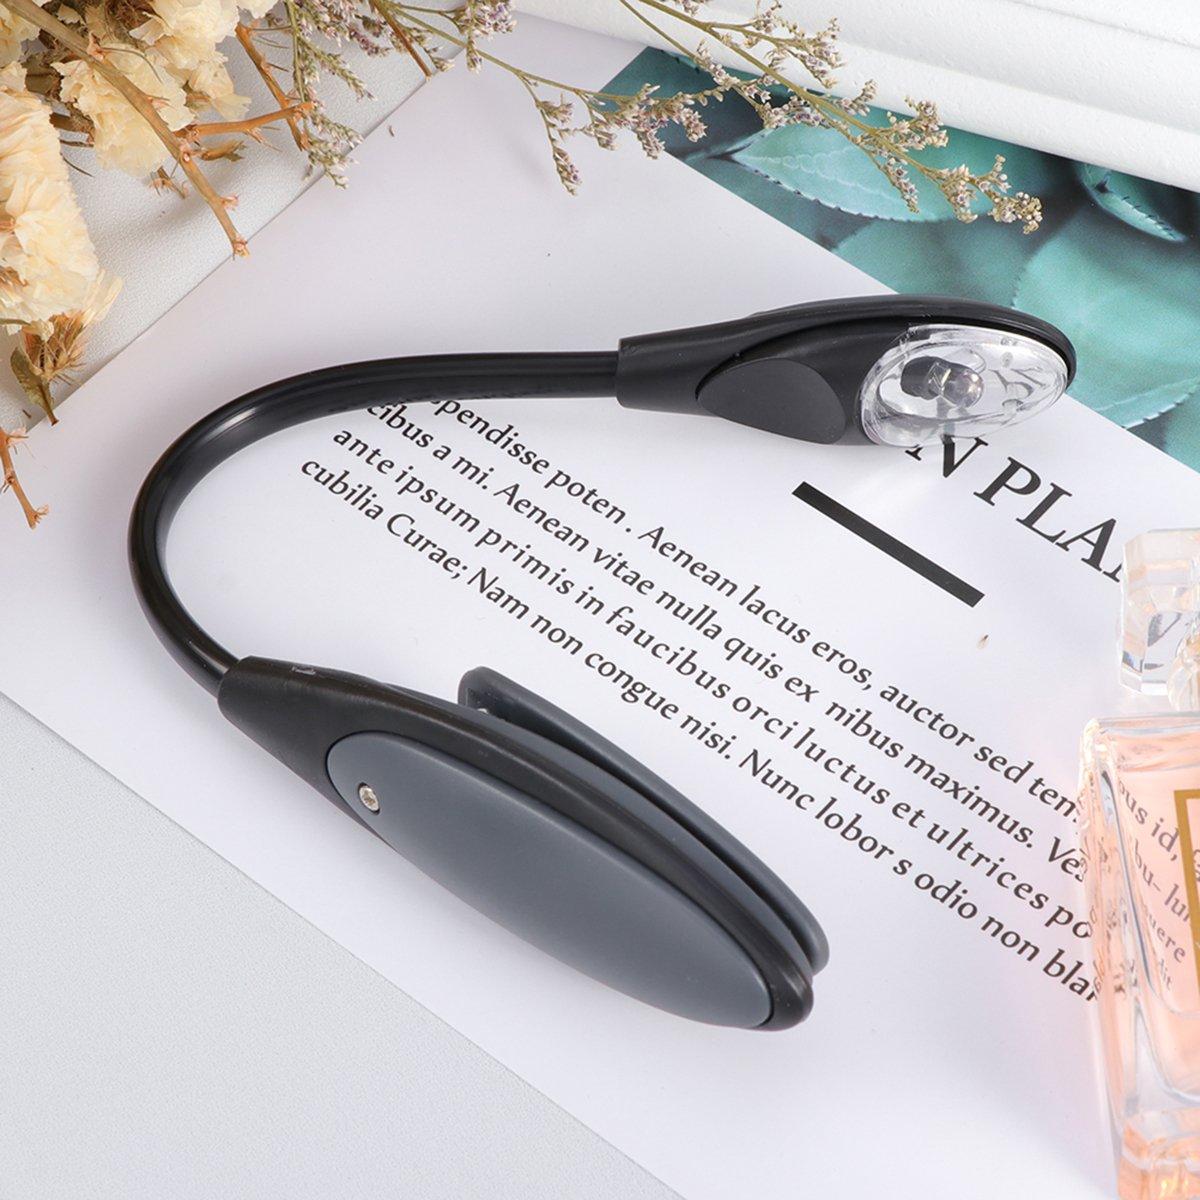 mit guten Augenschutz Helligkeit grau stilvolle flexible tragbare Reise Buch Leselicht LEDMOMO Led Clip Leselicht